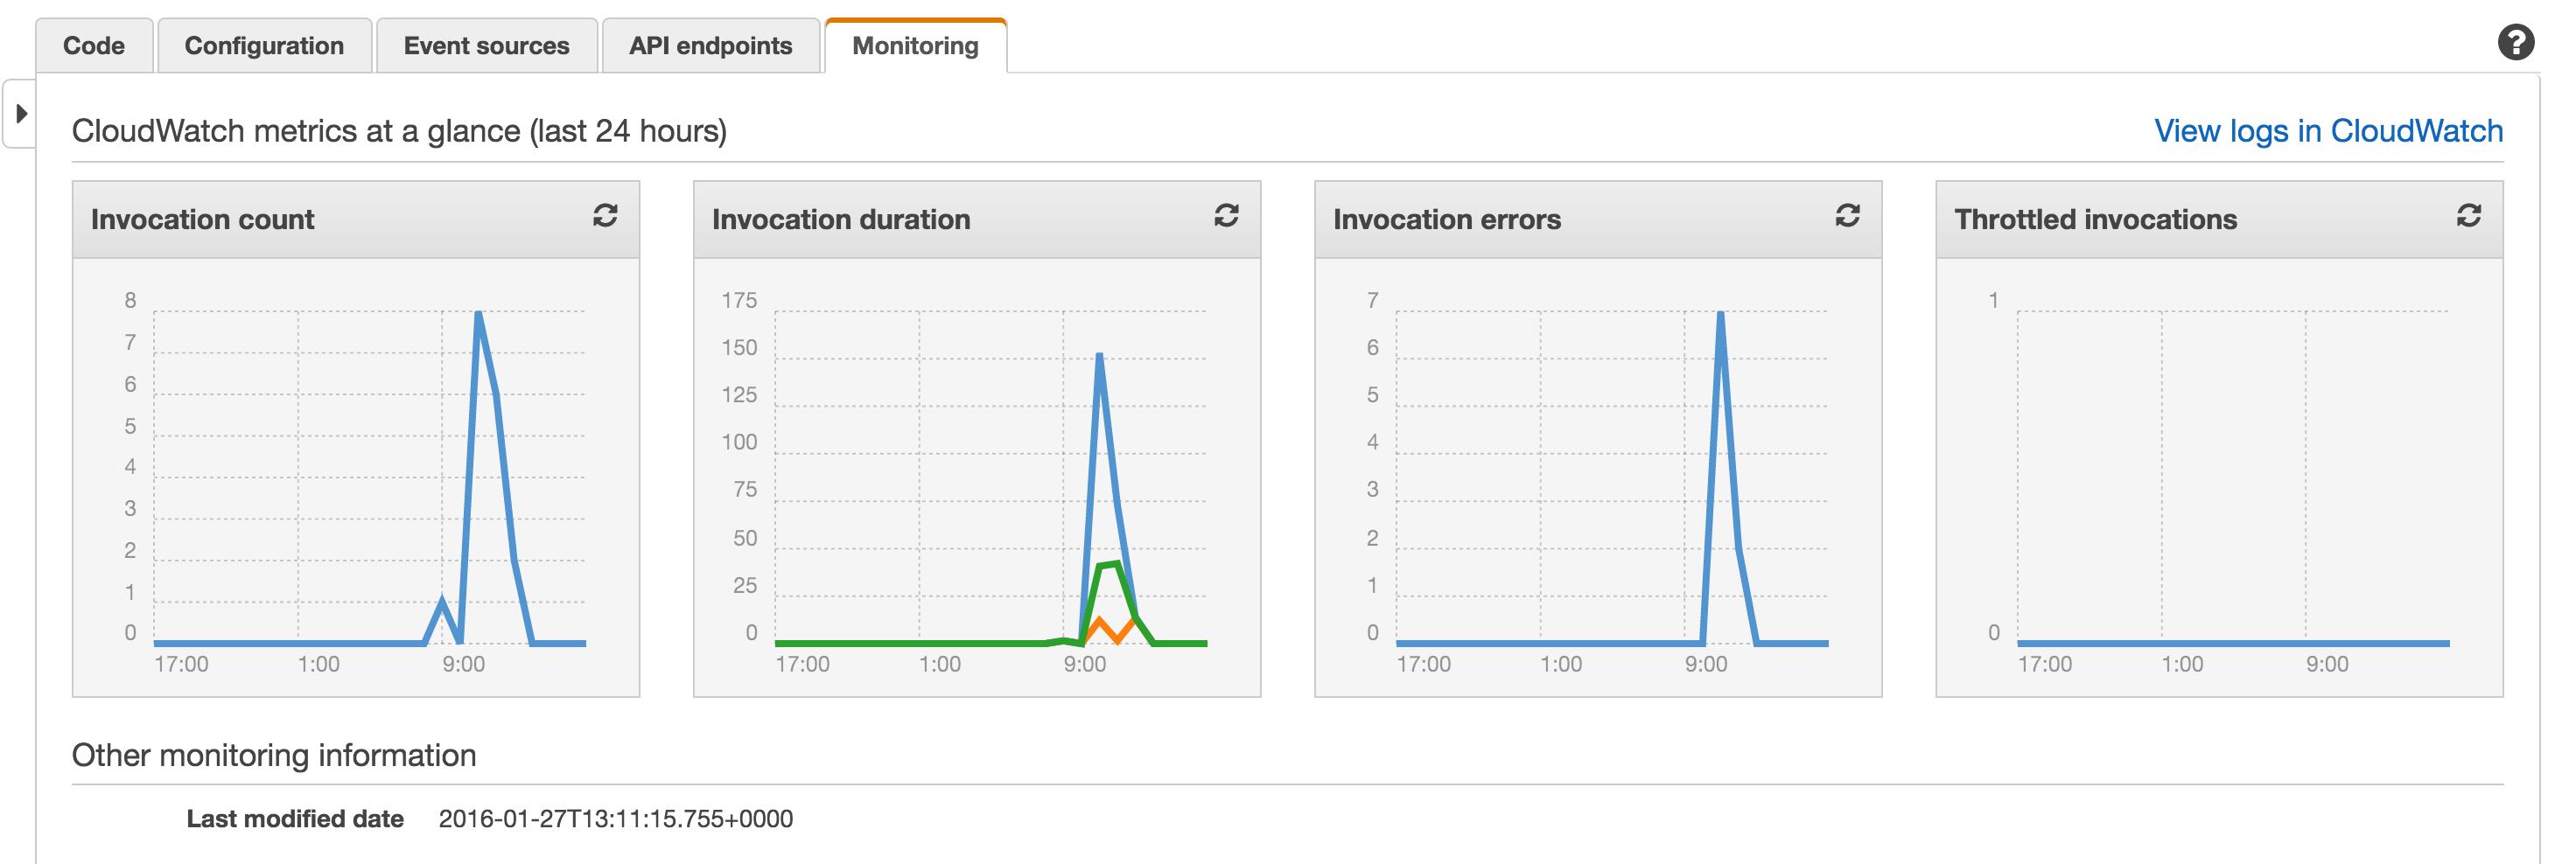 AWS monitoring log